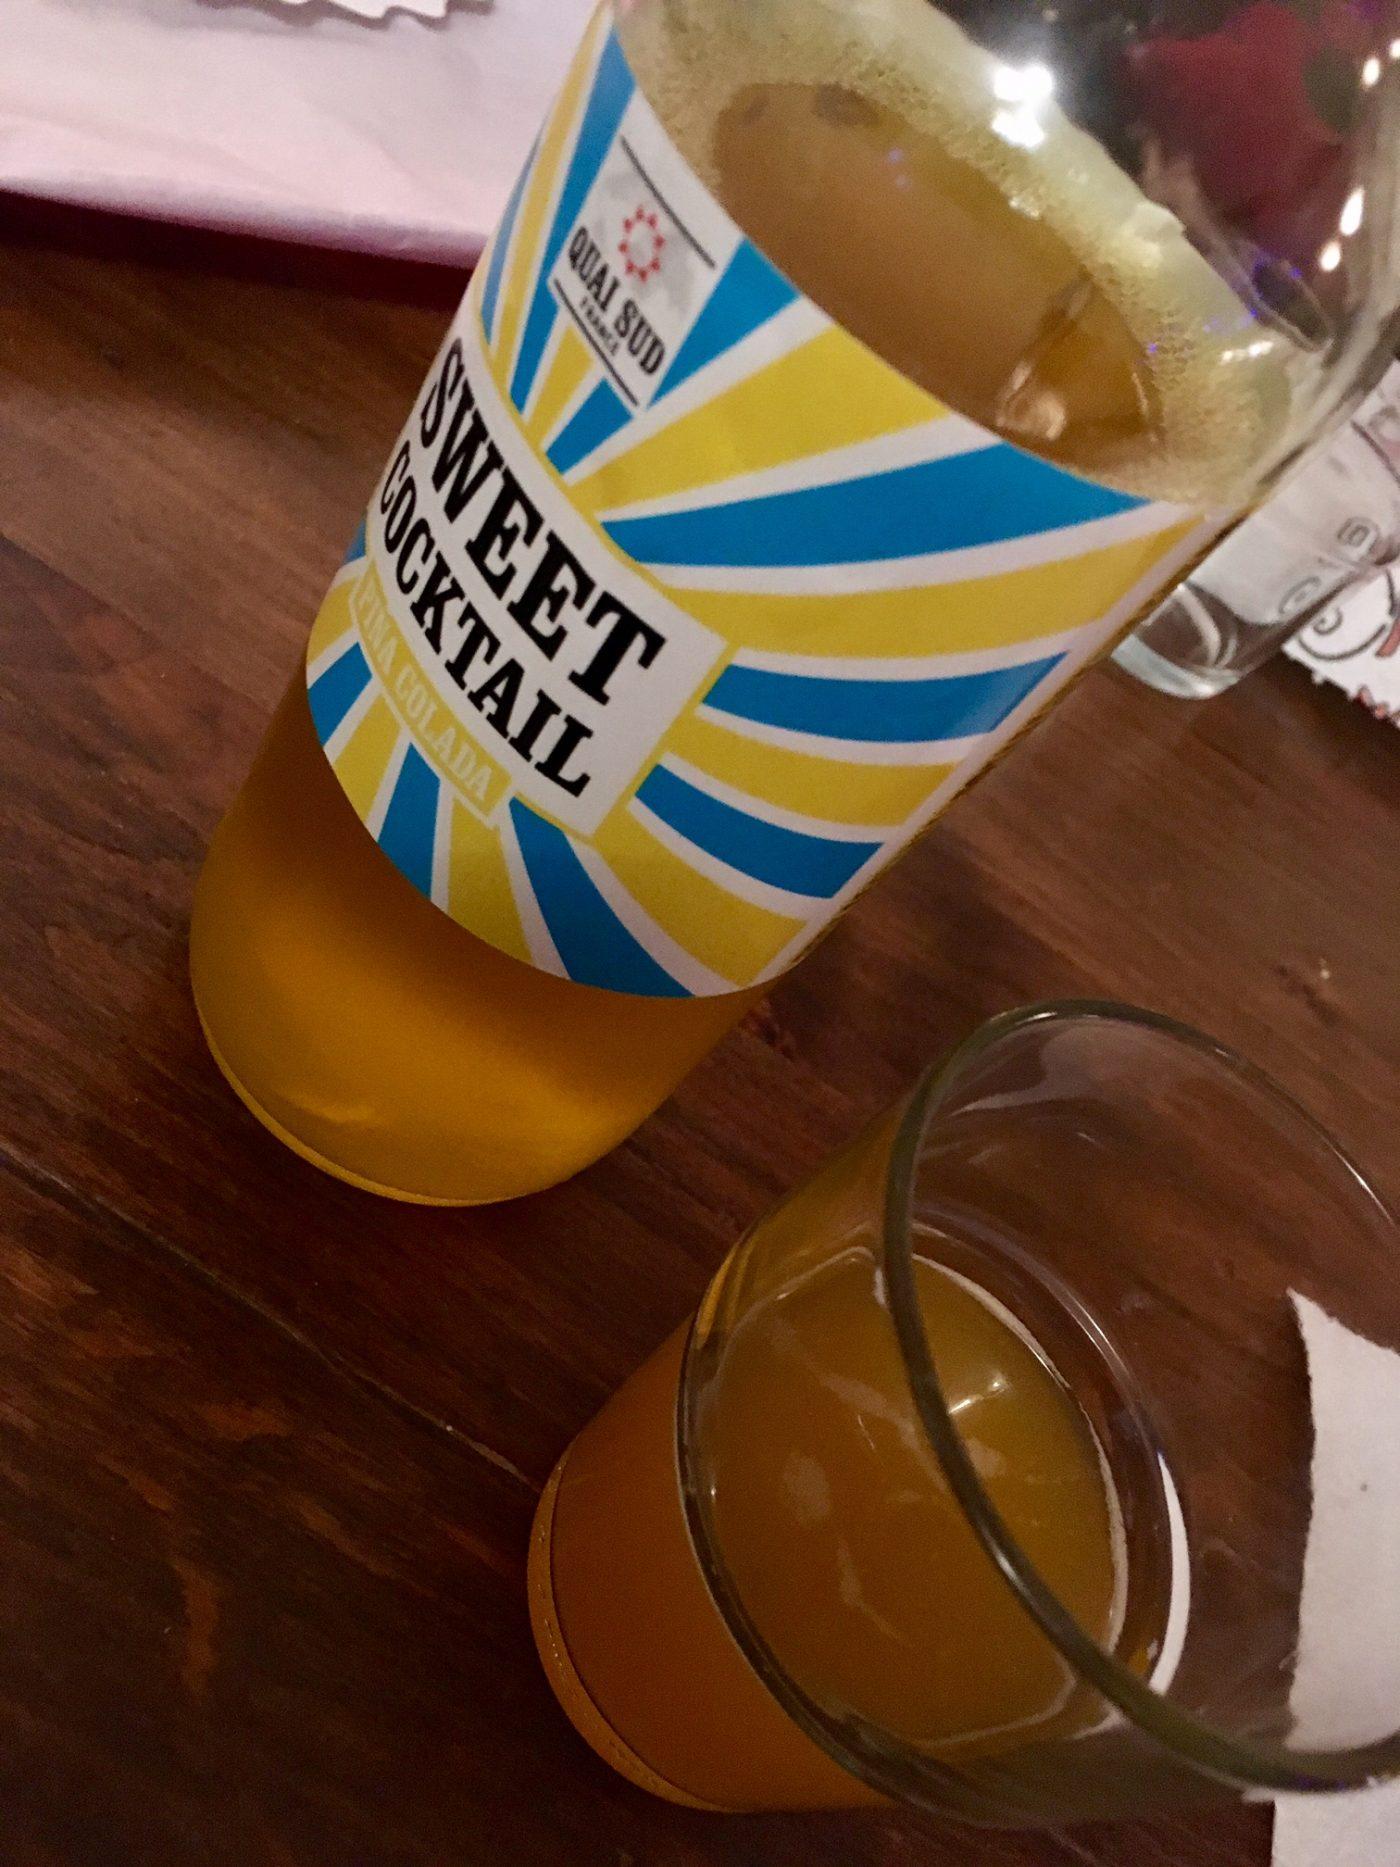 J'ai testé pour vous le mélange pour Cocktail Quai Sud parfum Pina Colada